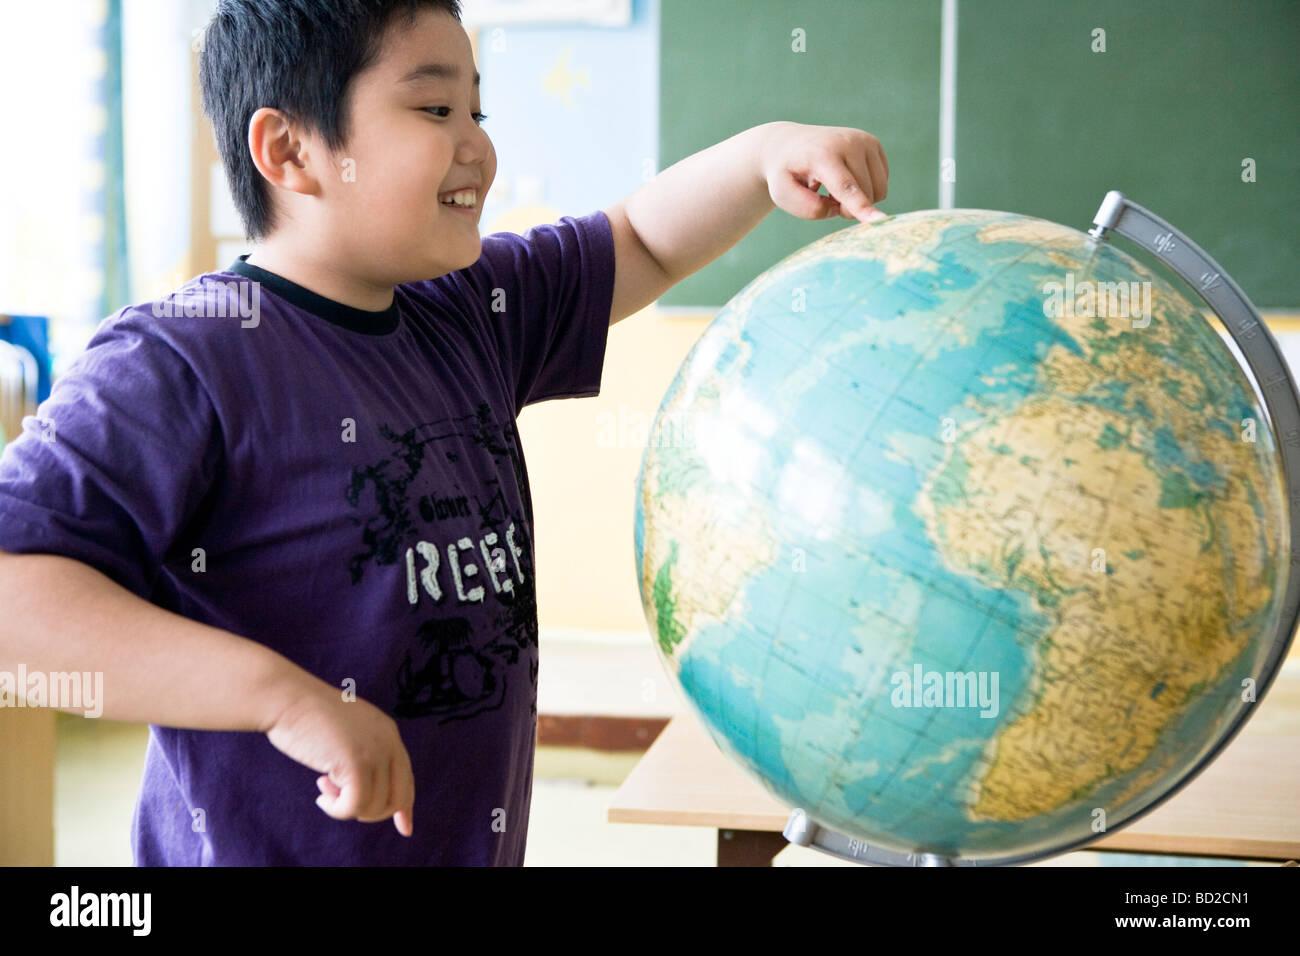 Chico mirando al mundo en clase Imagen De Stock